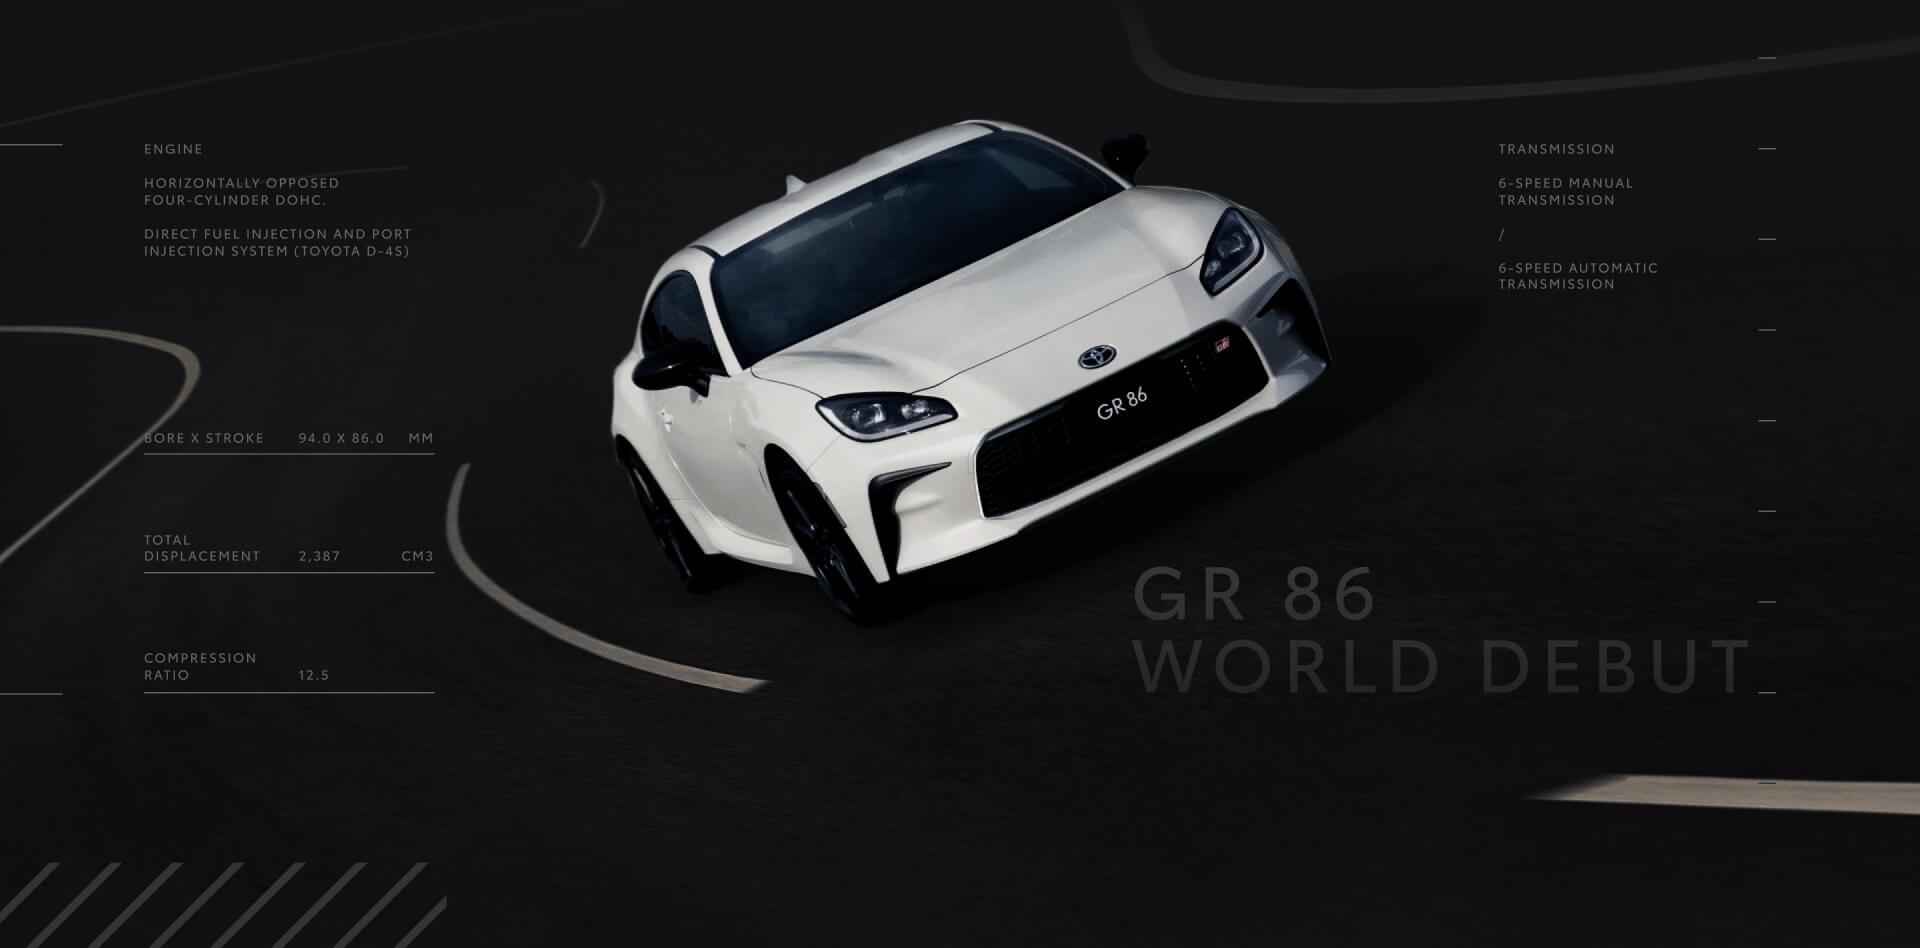 GR 86 Performance